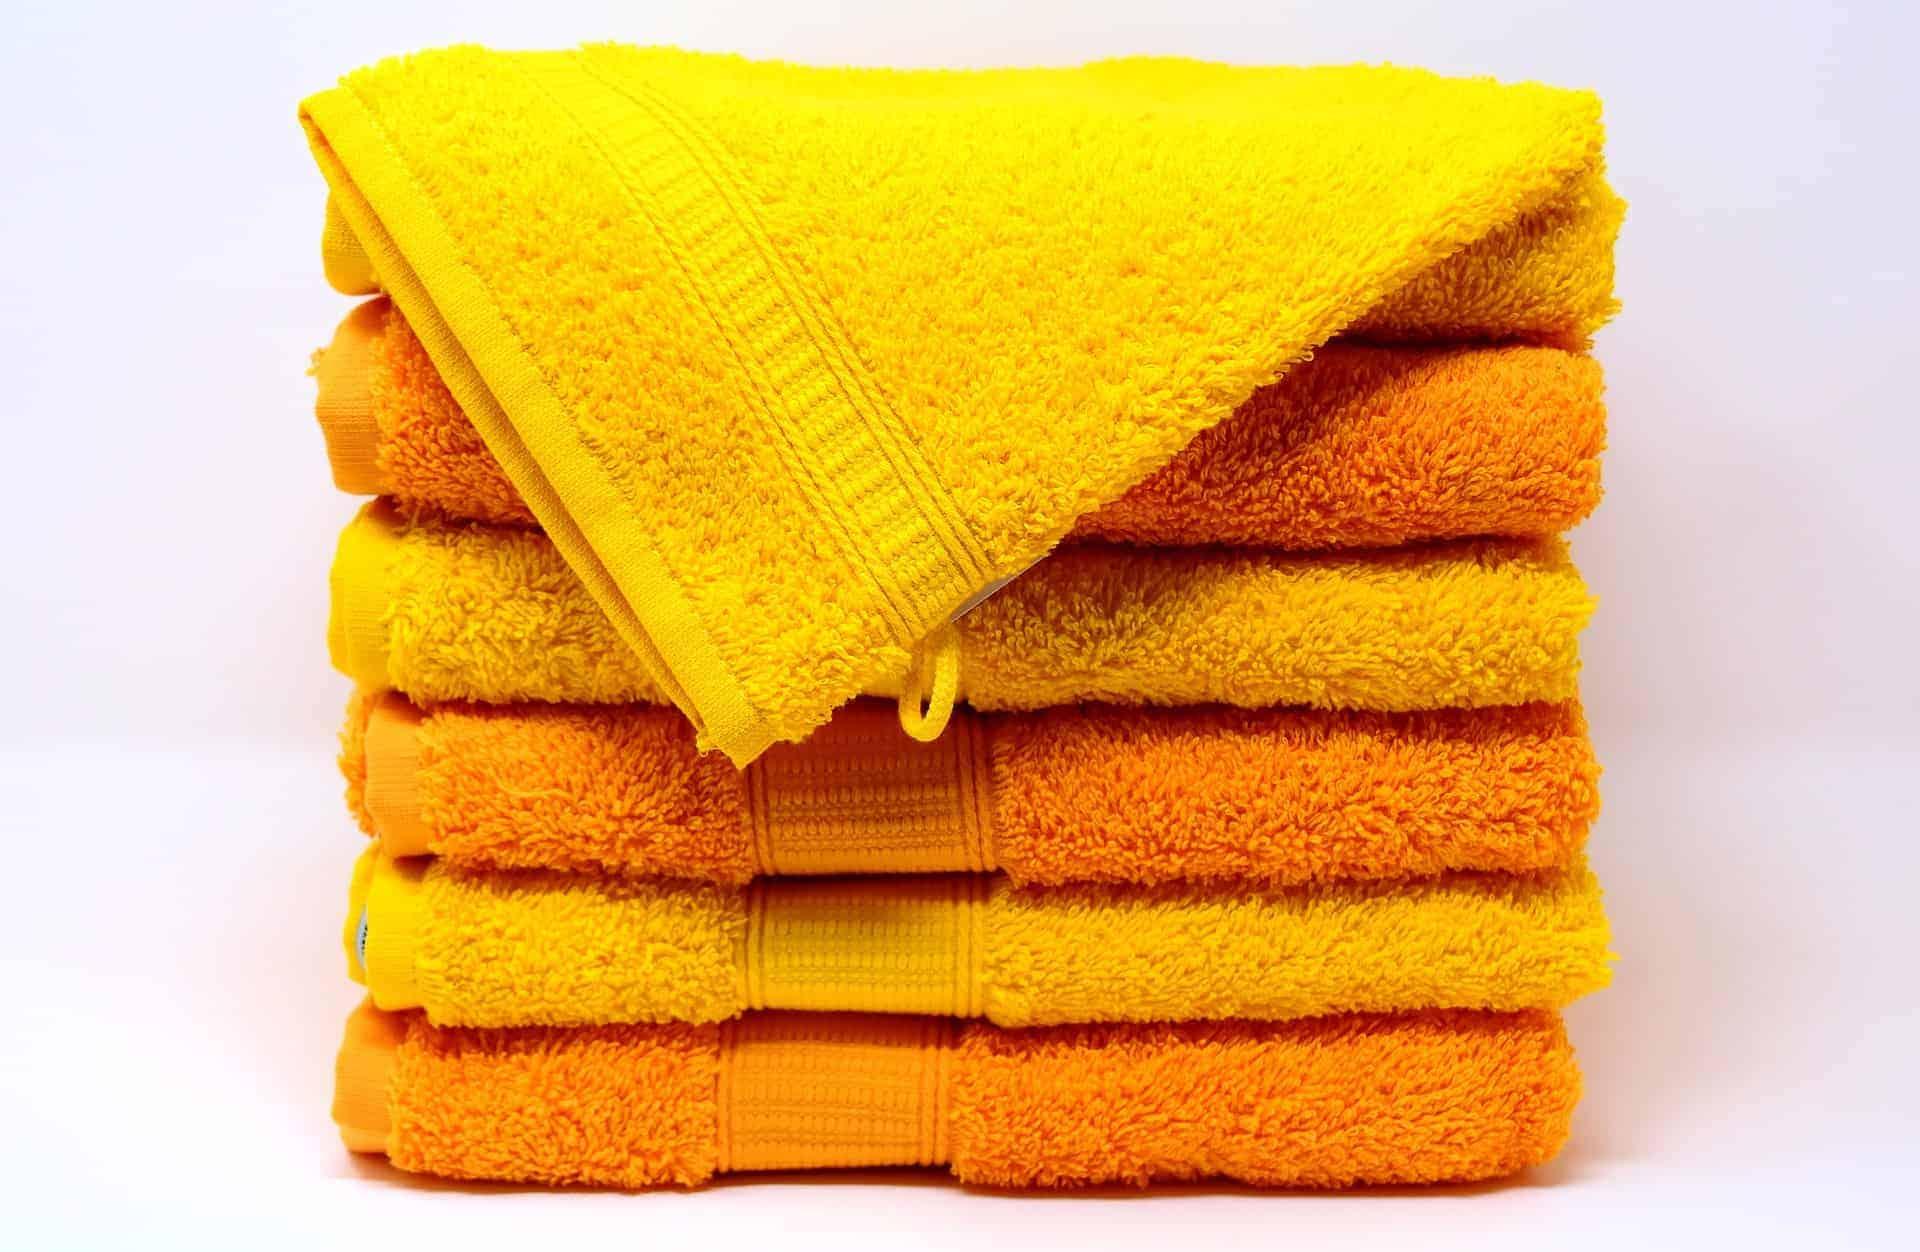 Comment Bien Laver Des Serviettes De Bain Ou Serviettes De Plage